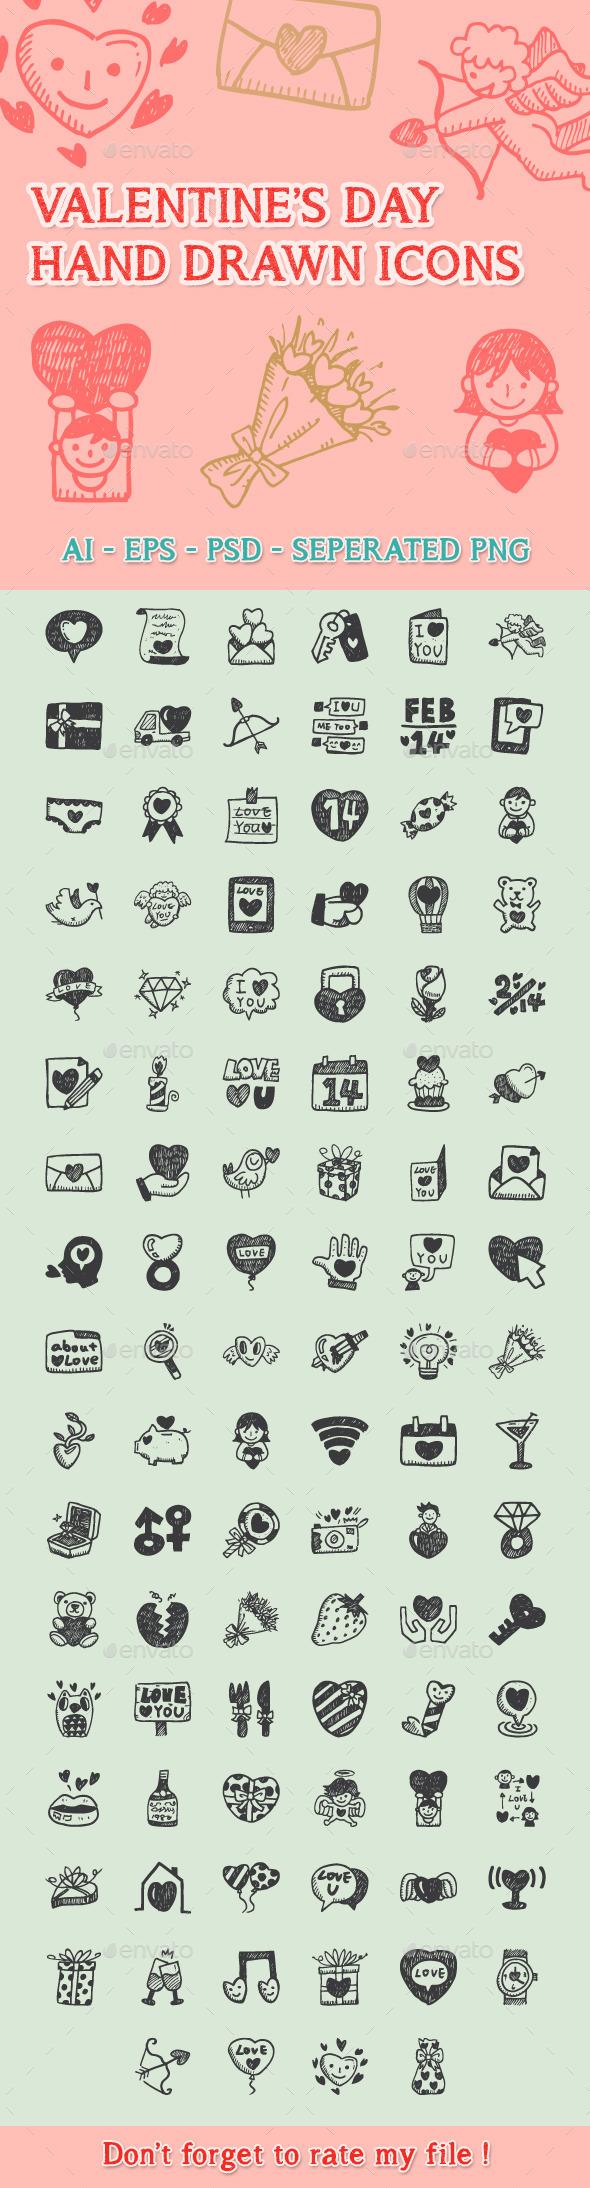 Love Hand Drawn Icons - Seasonal Icons